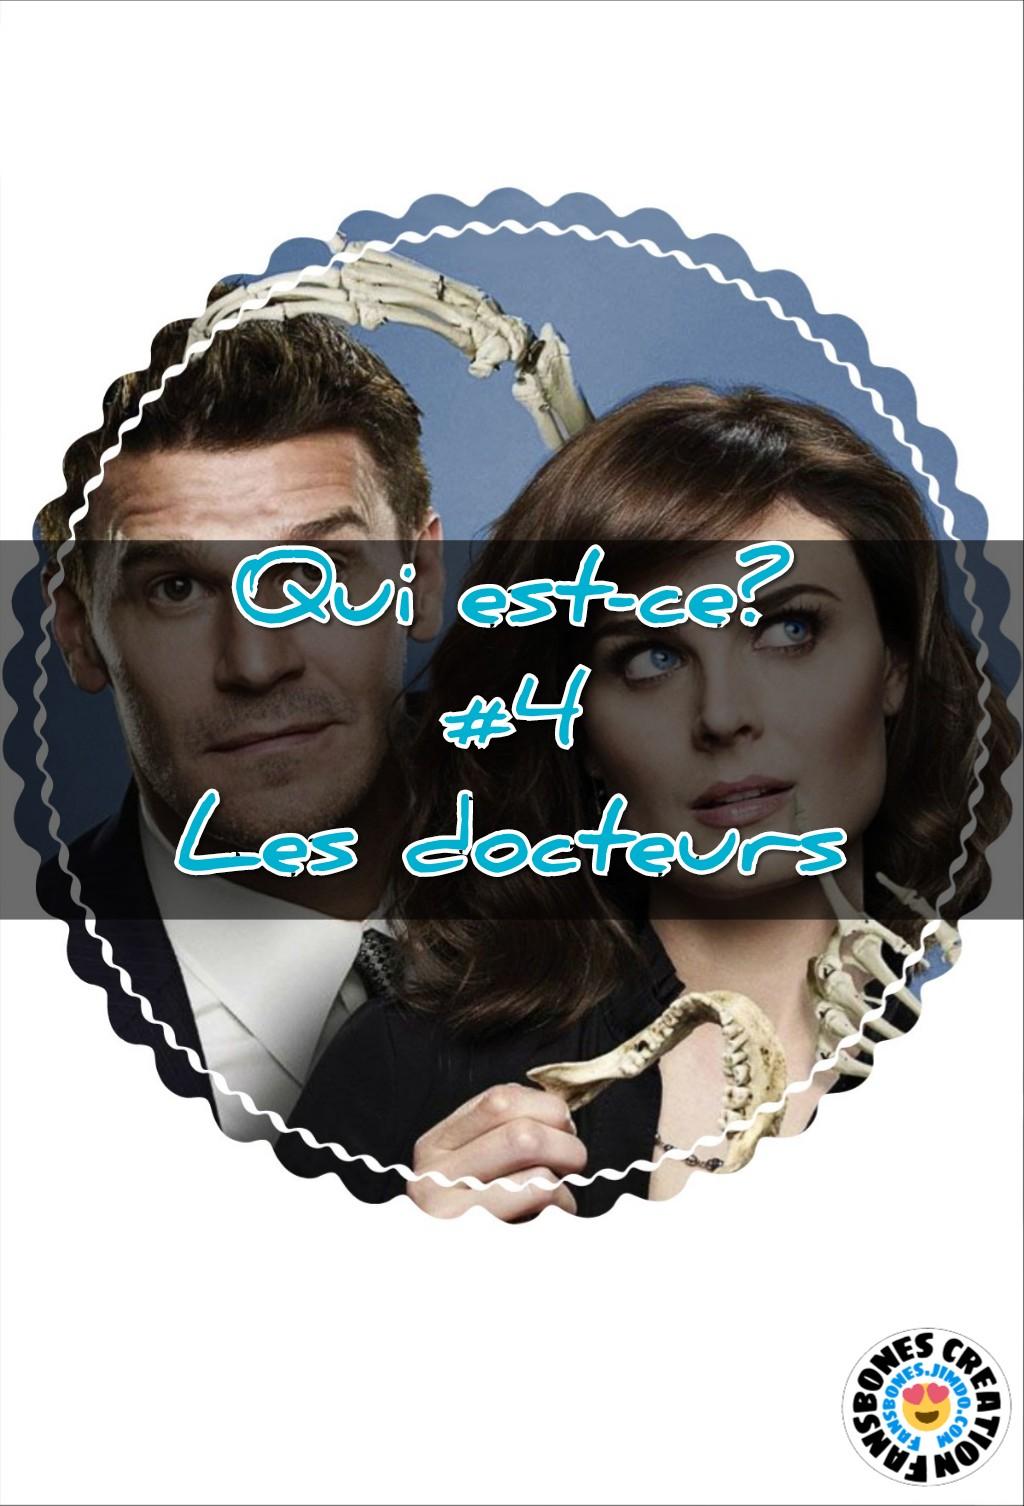 Bones 'Qui est-ce ?' #4 «Les Docteurs»